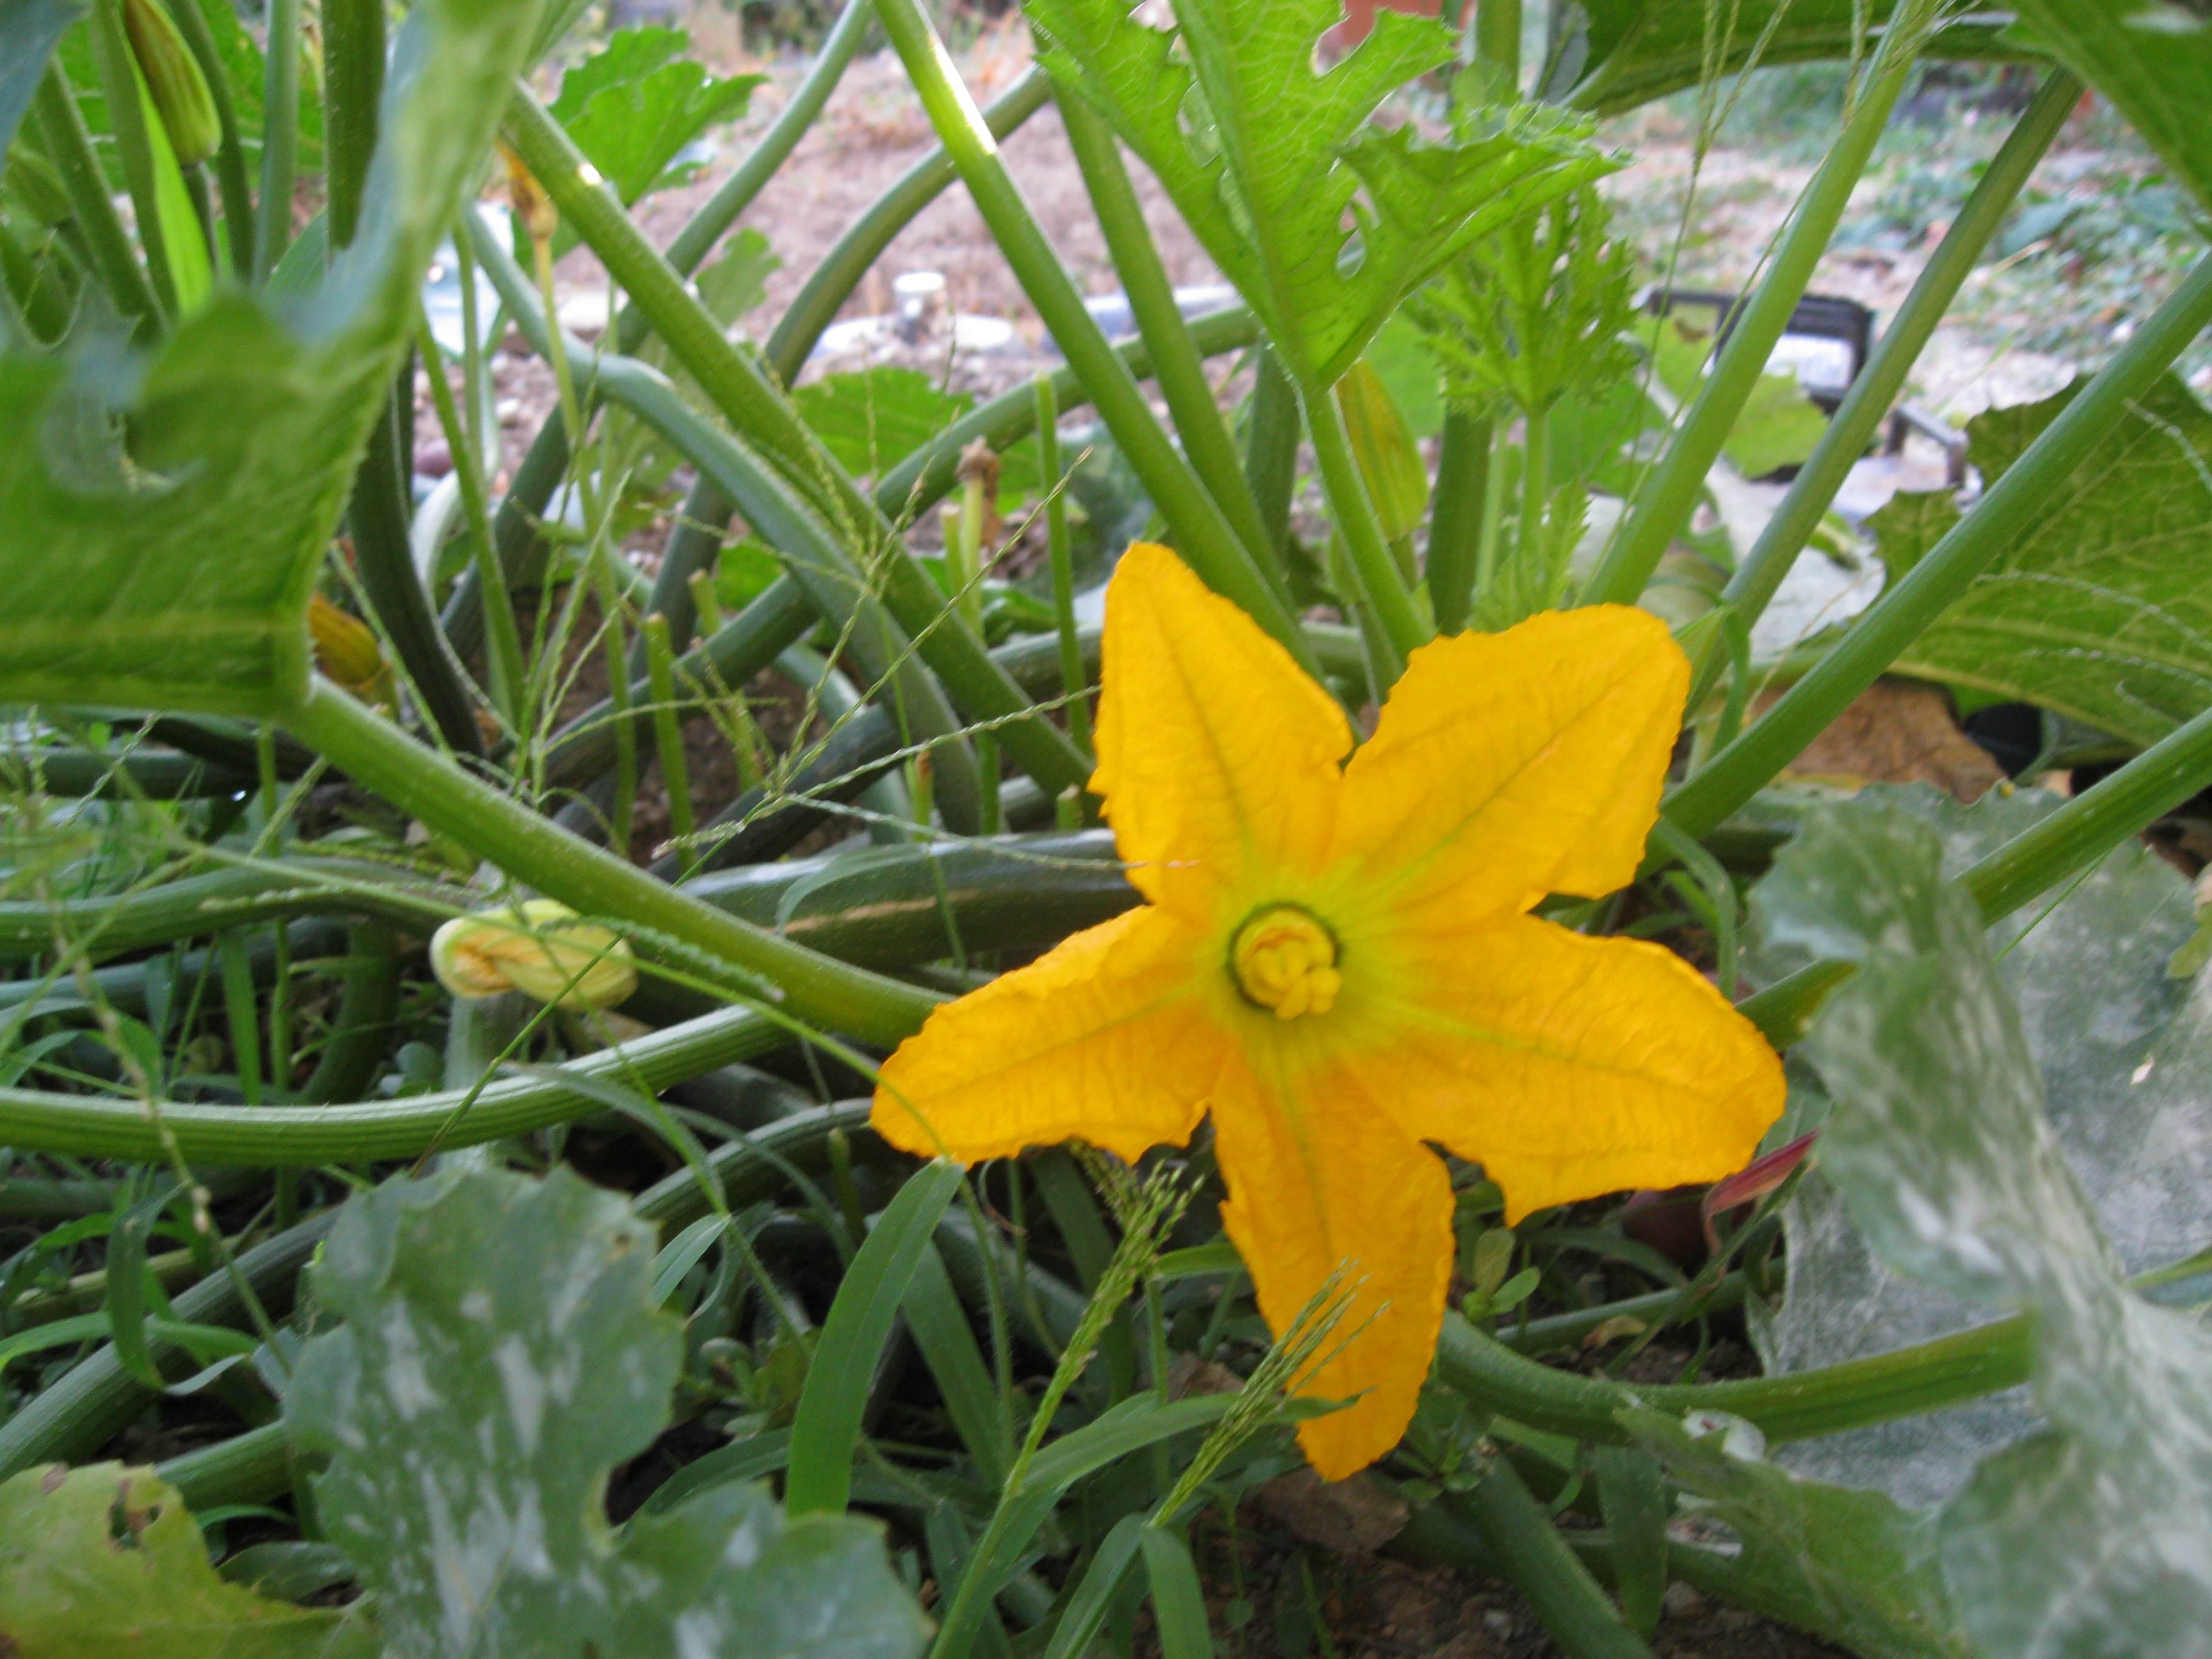 Du jardin la terrasse confiture de courgettes le club de mediapart - Comment congeler les courgettes du jardin ...